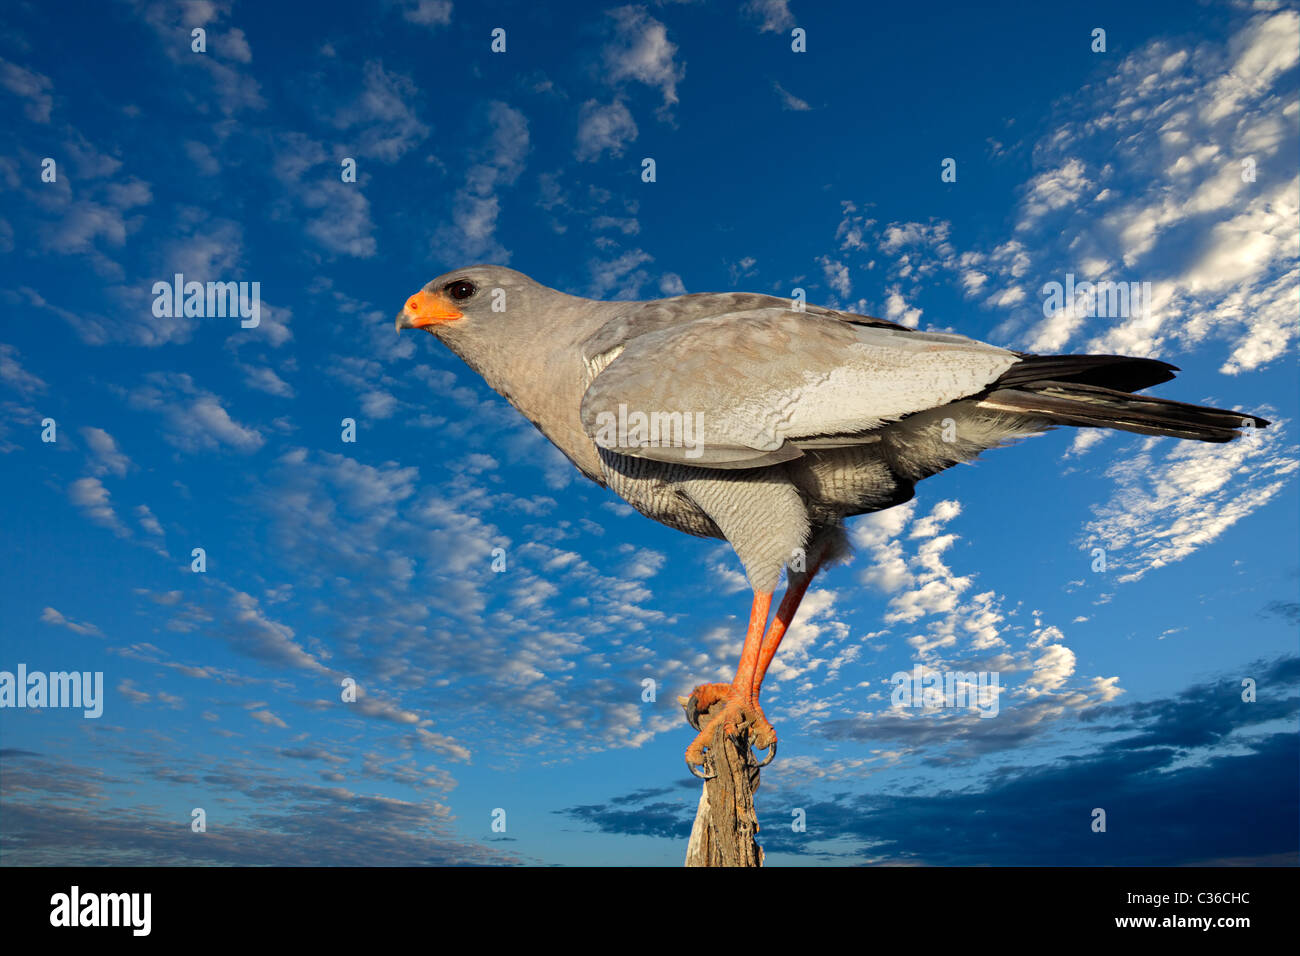 Blasse Gesangs Habicht (Melierax Canorus) vor einem blauen Himmel mit Wolken, Südafrika Stockbild